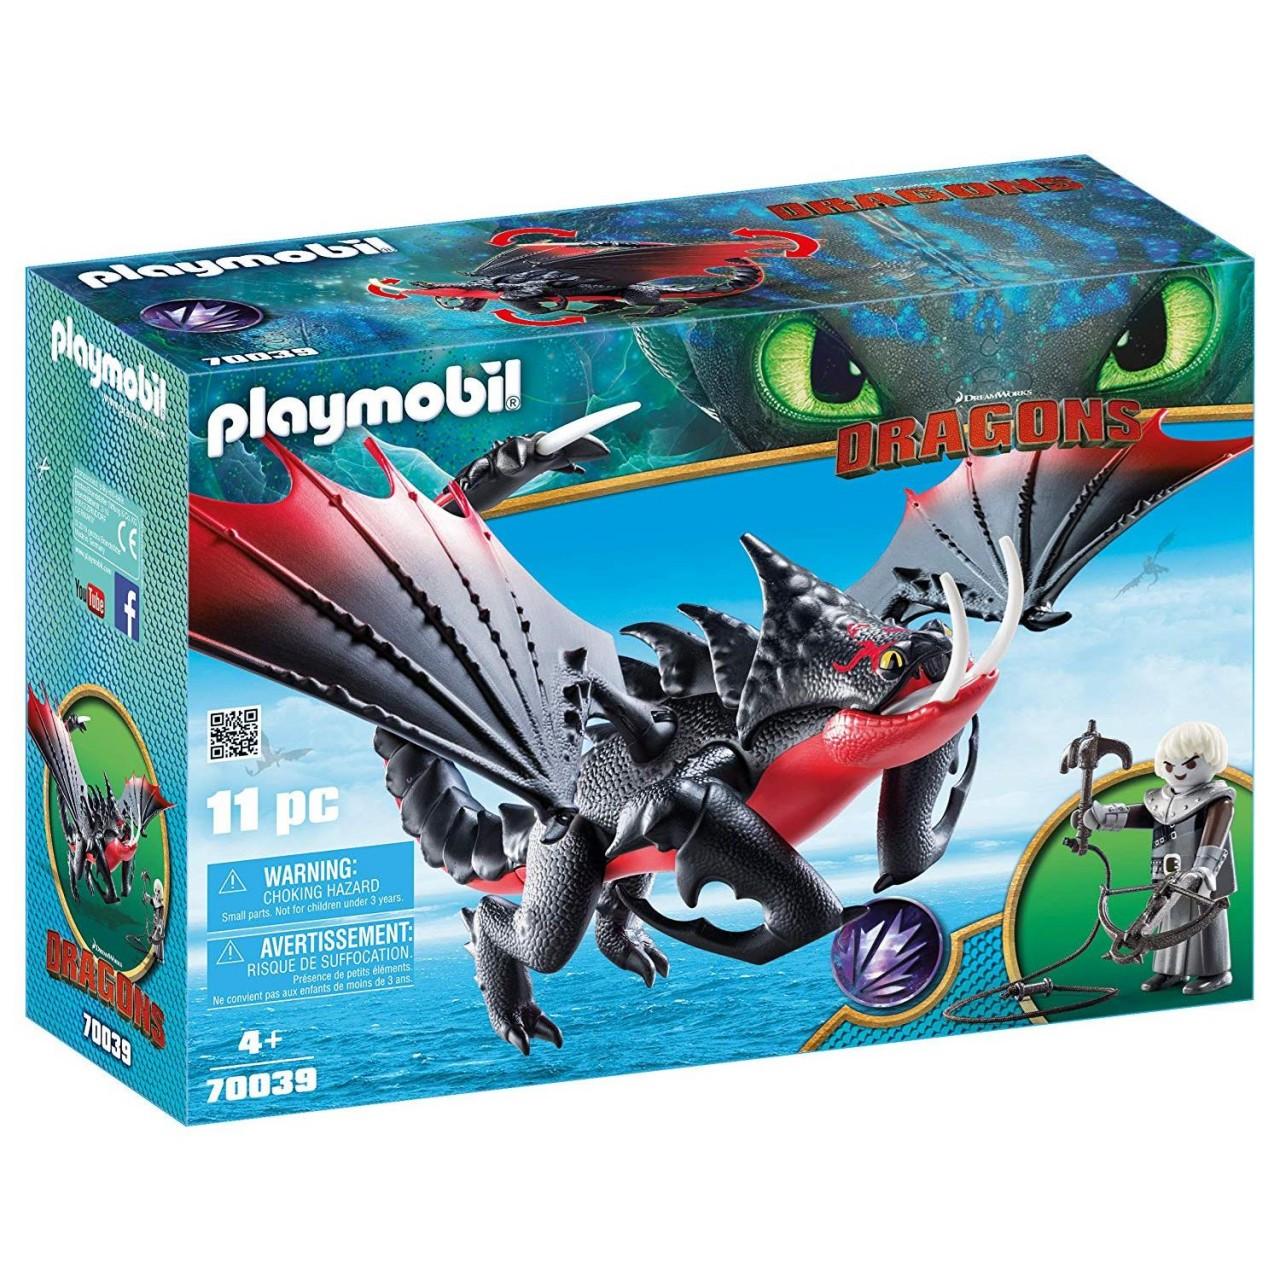 Playmobil 70039 Todbringer und Grimmel